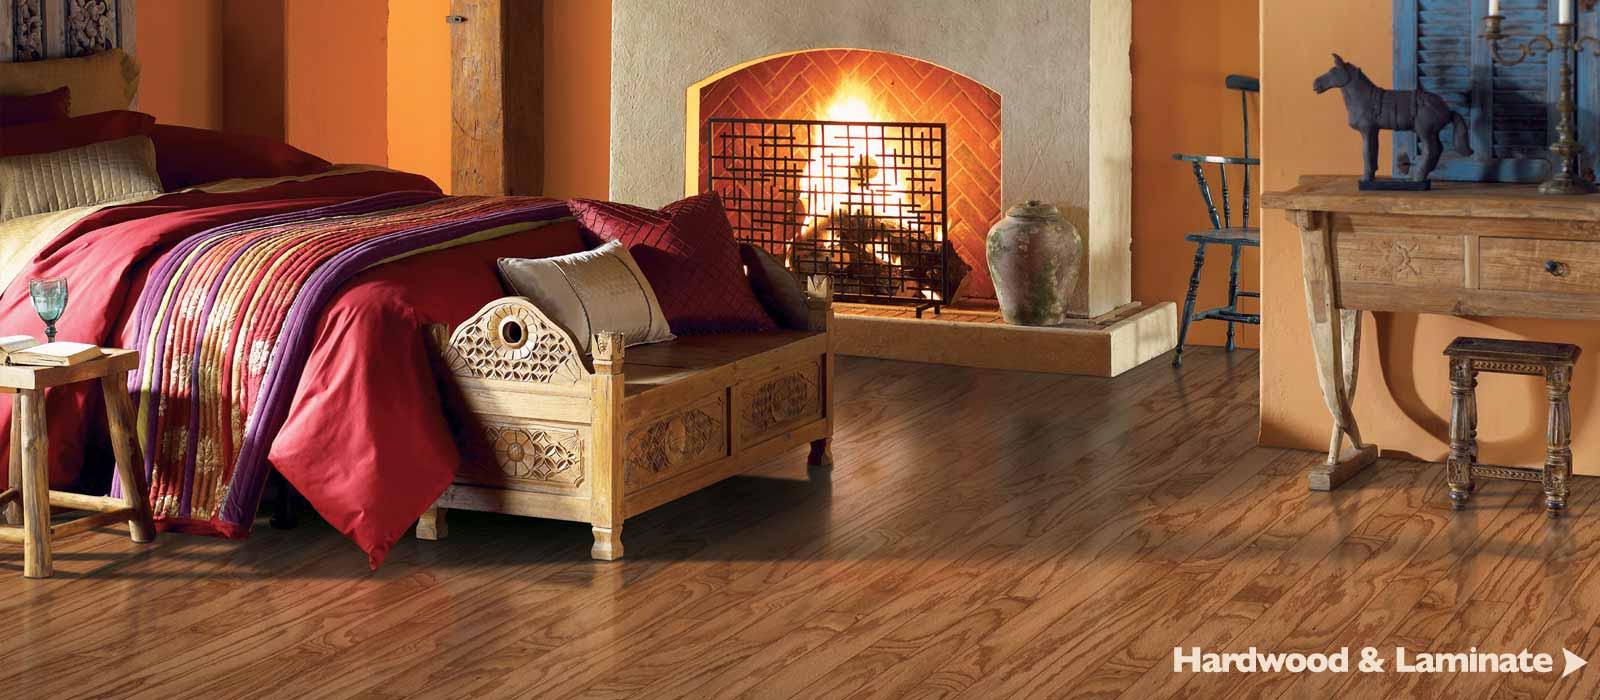 Hardwood, Laminate and Luxury Vinyl Planks